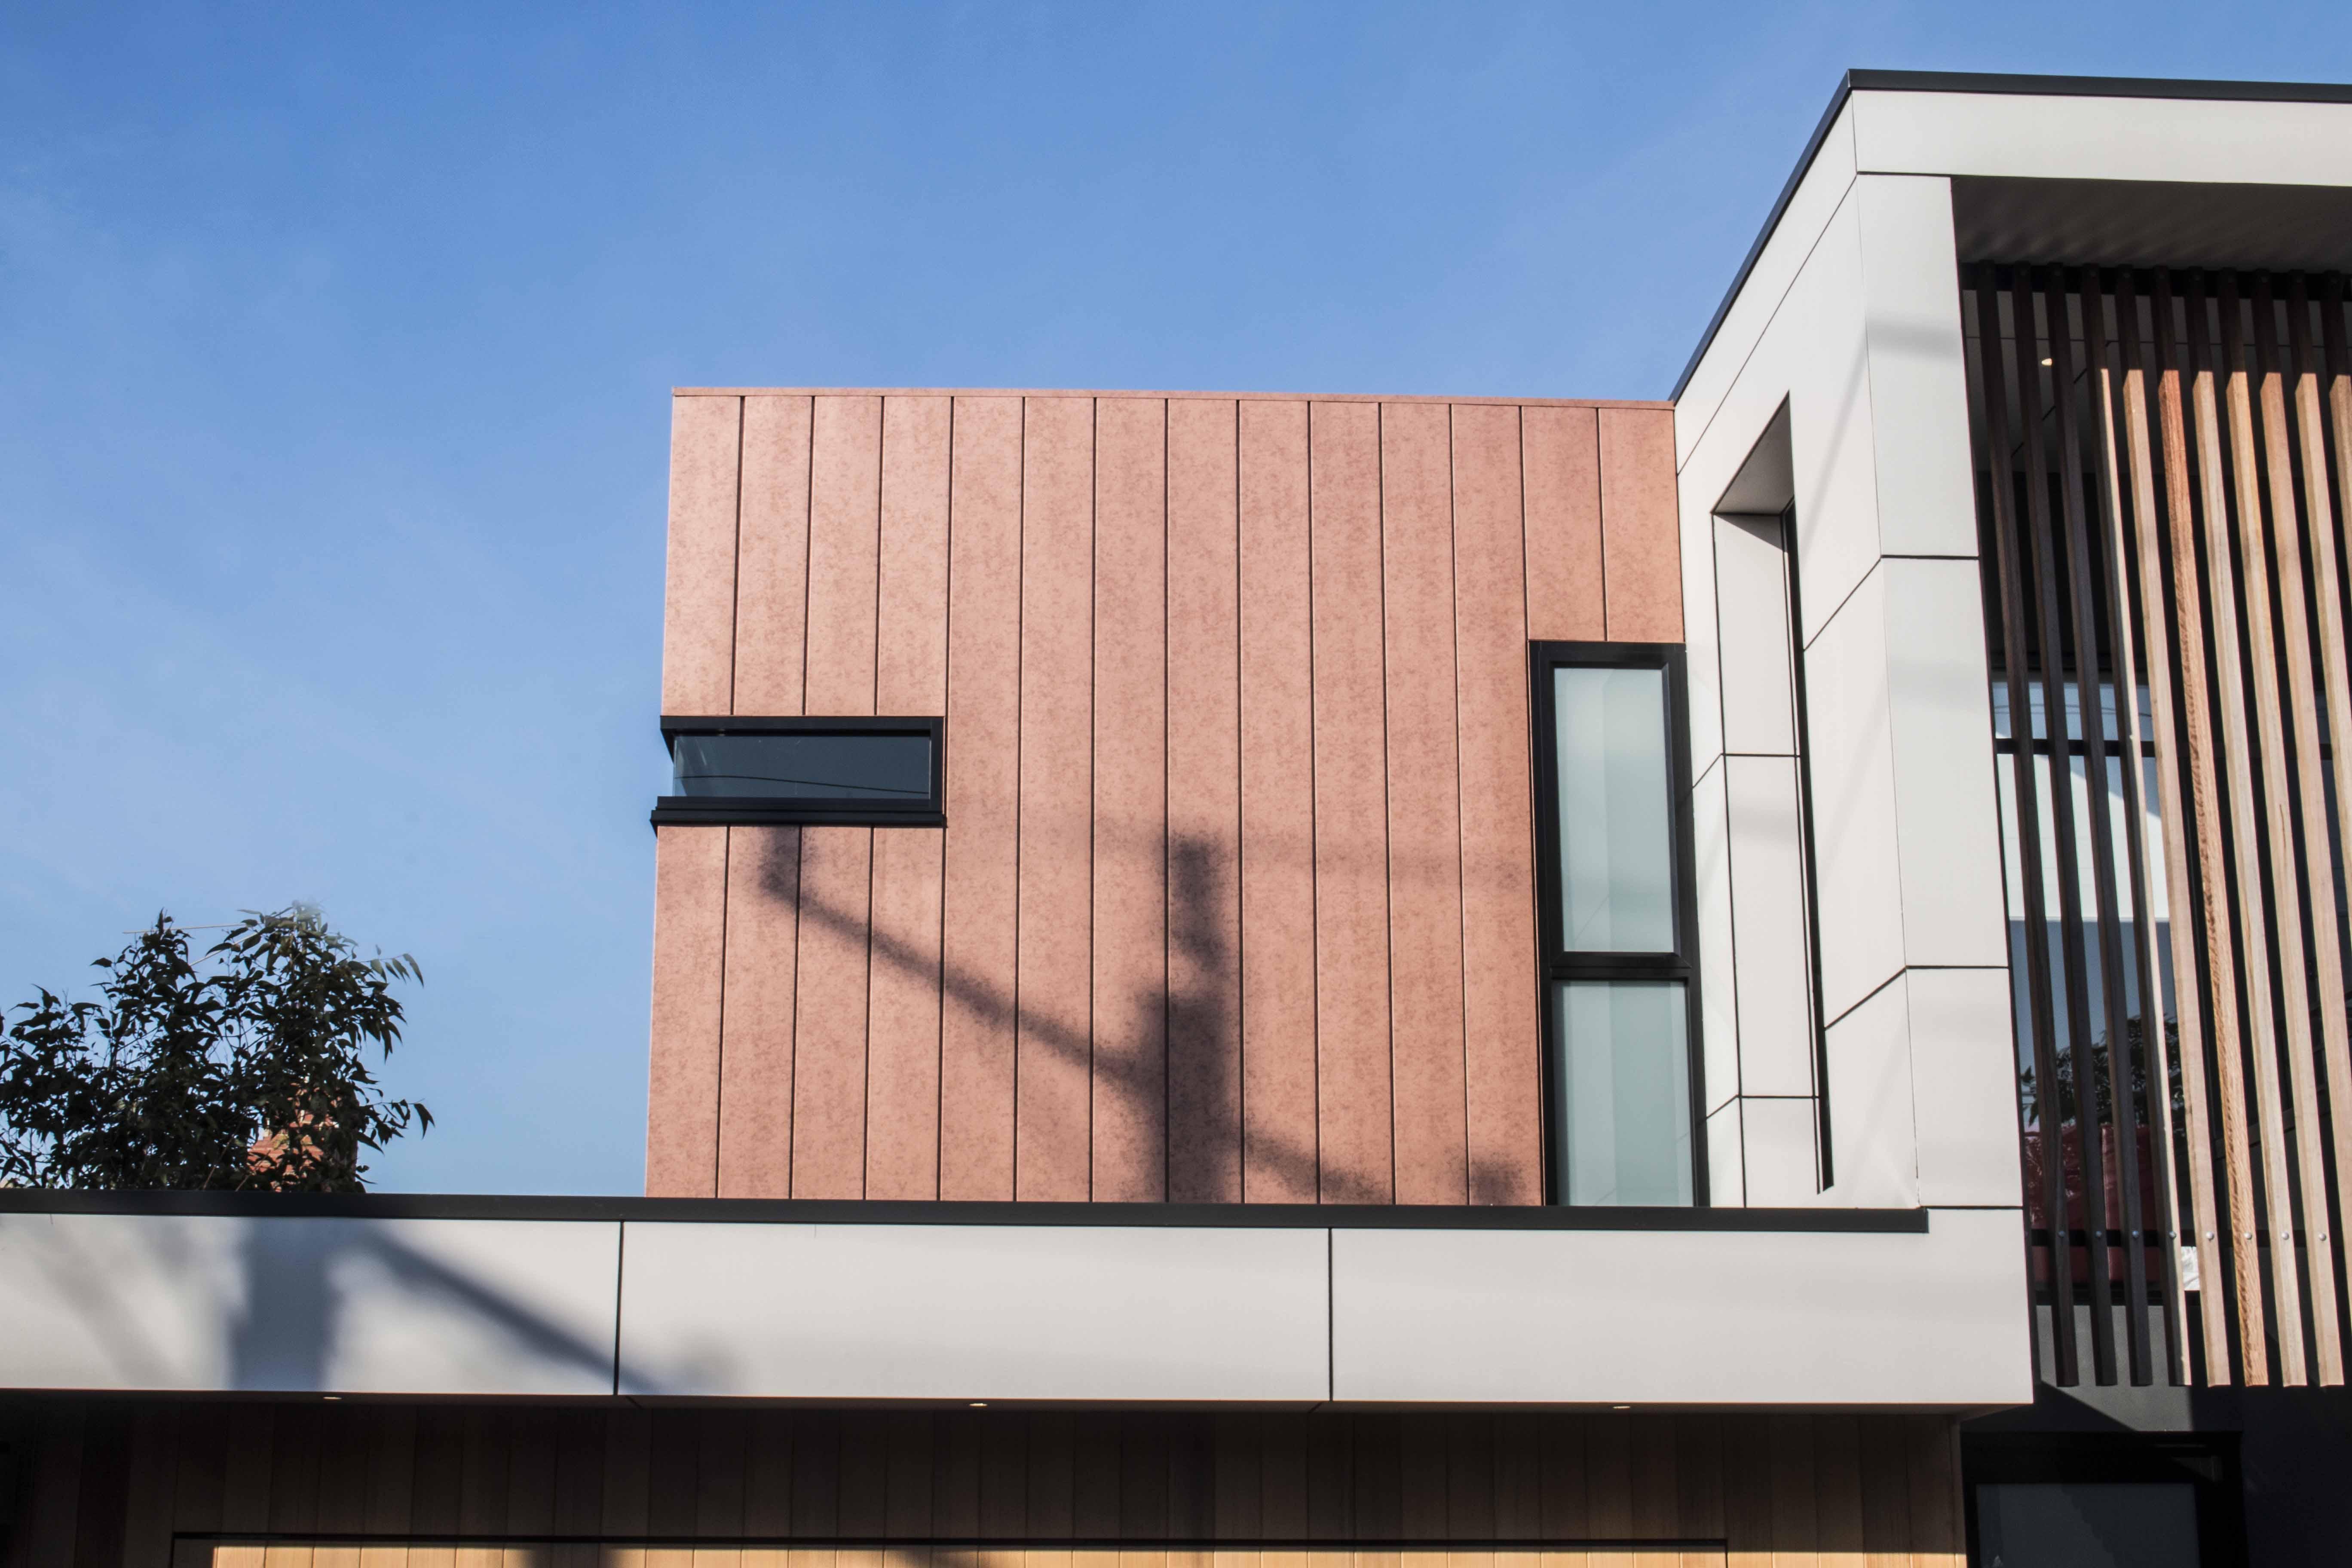 Vestis Copper in an interlocking profile